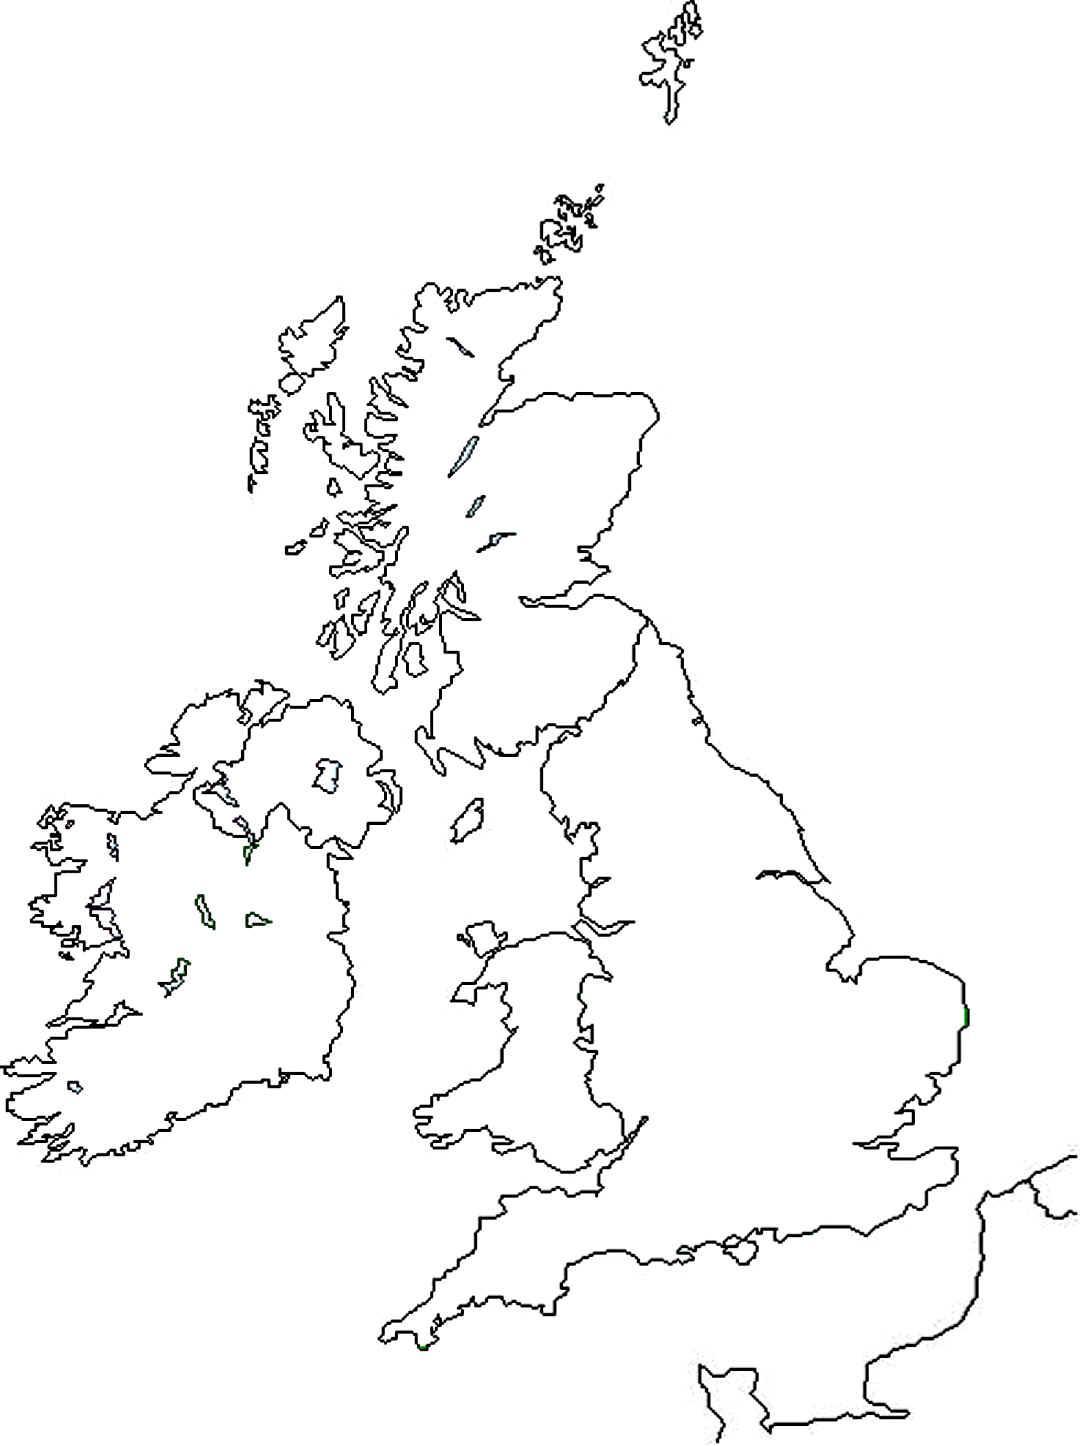 Cartes Pour La Vente Royaume Uni